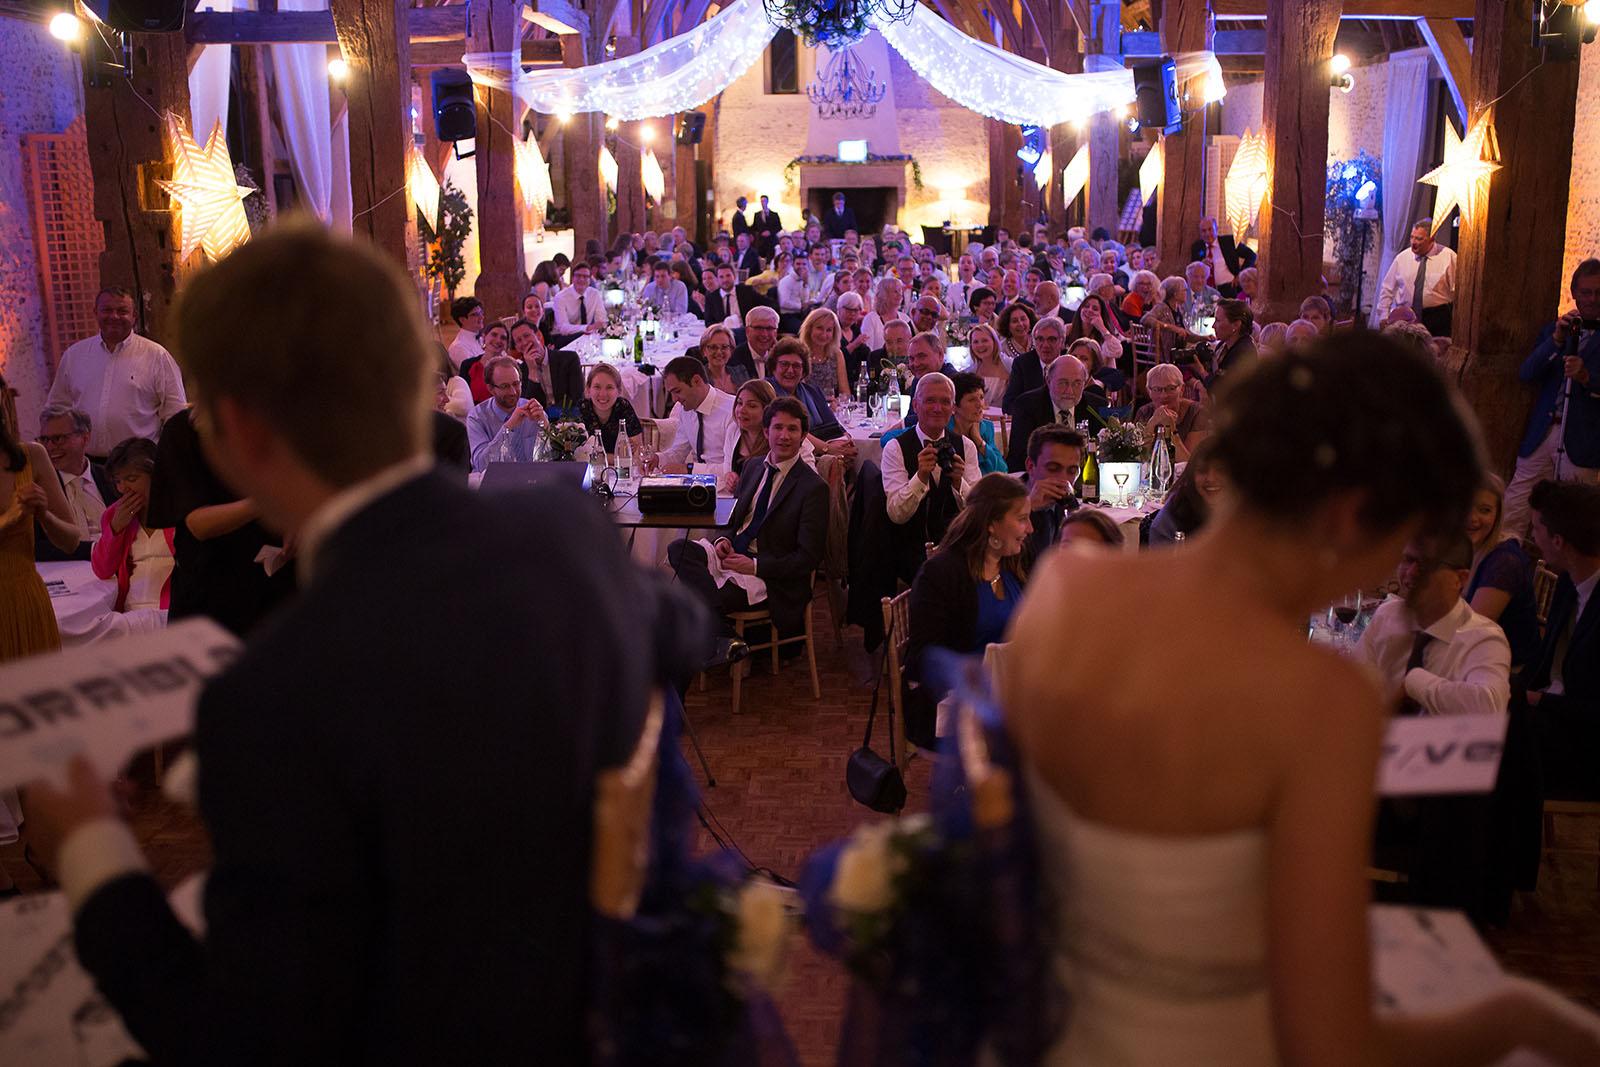 Mariage au Manoir de Corny en Normandie. Les invités pendant les animations de la soirée